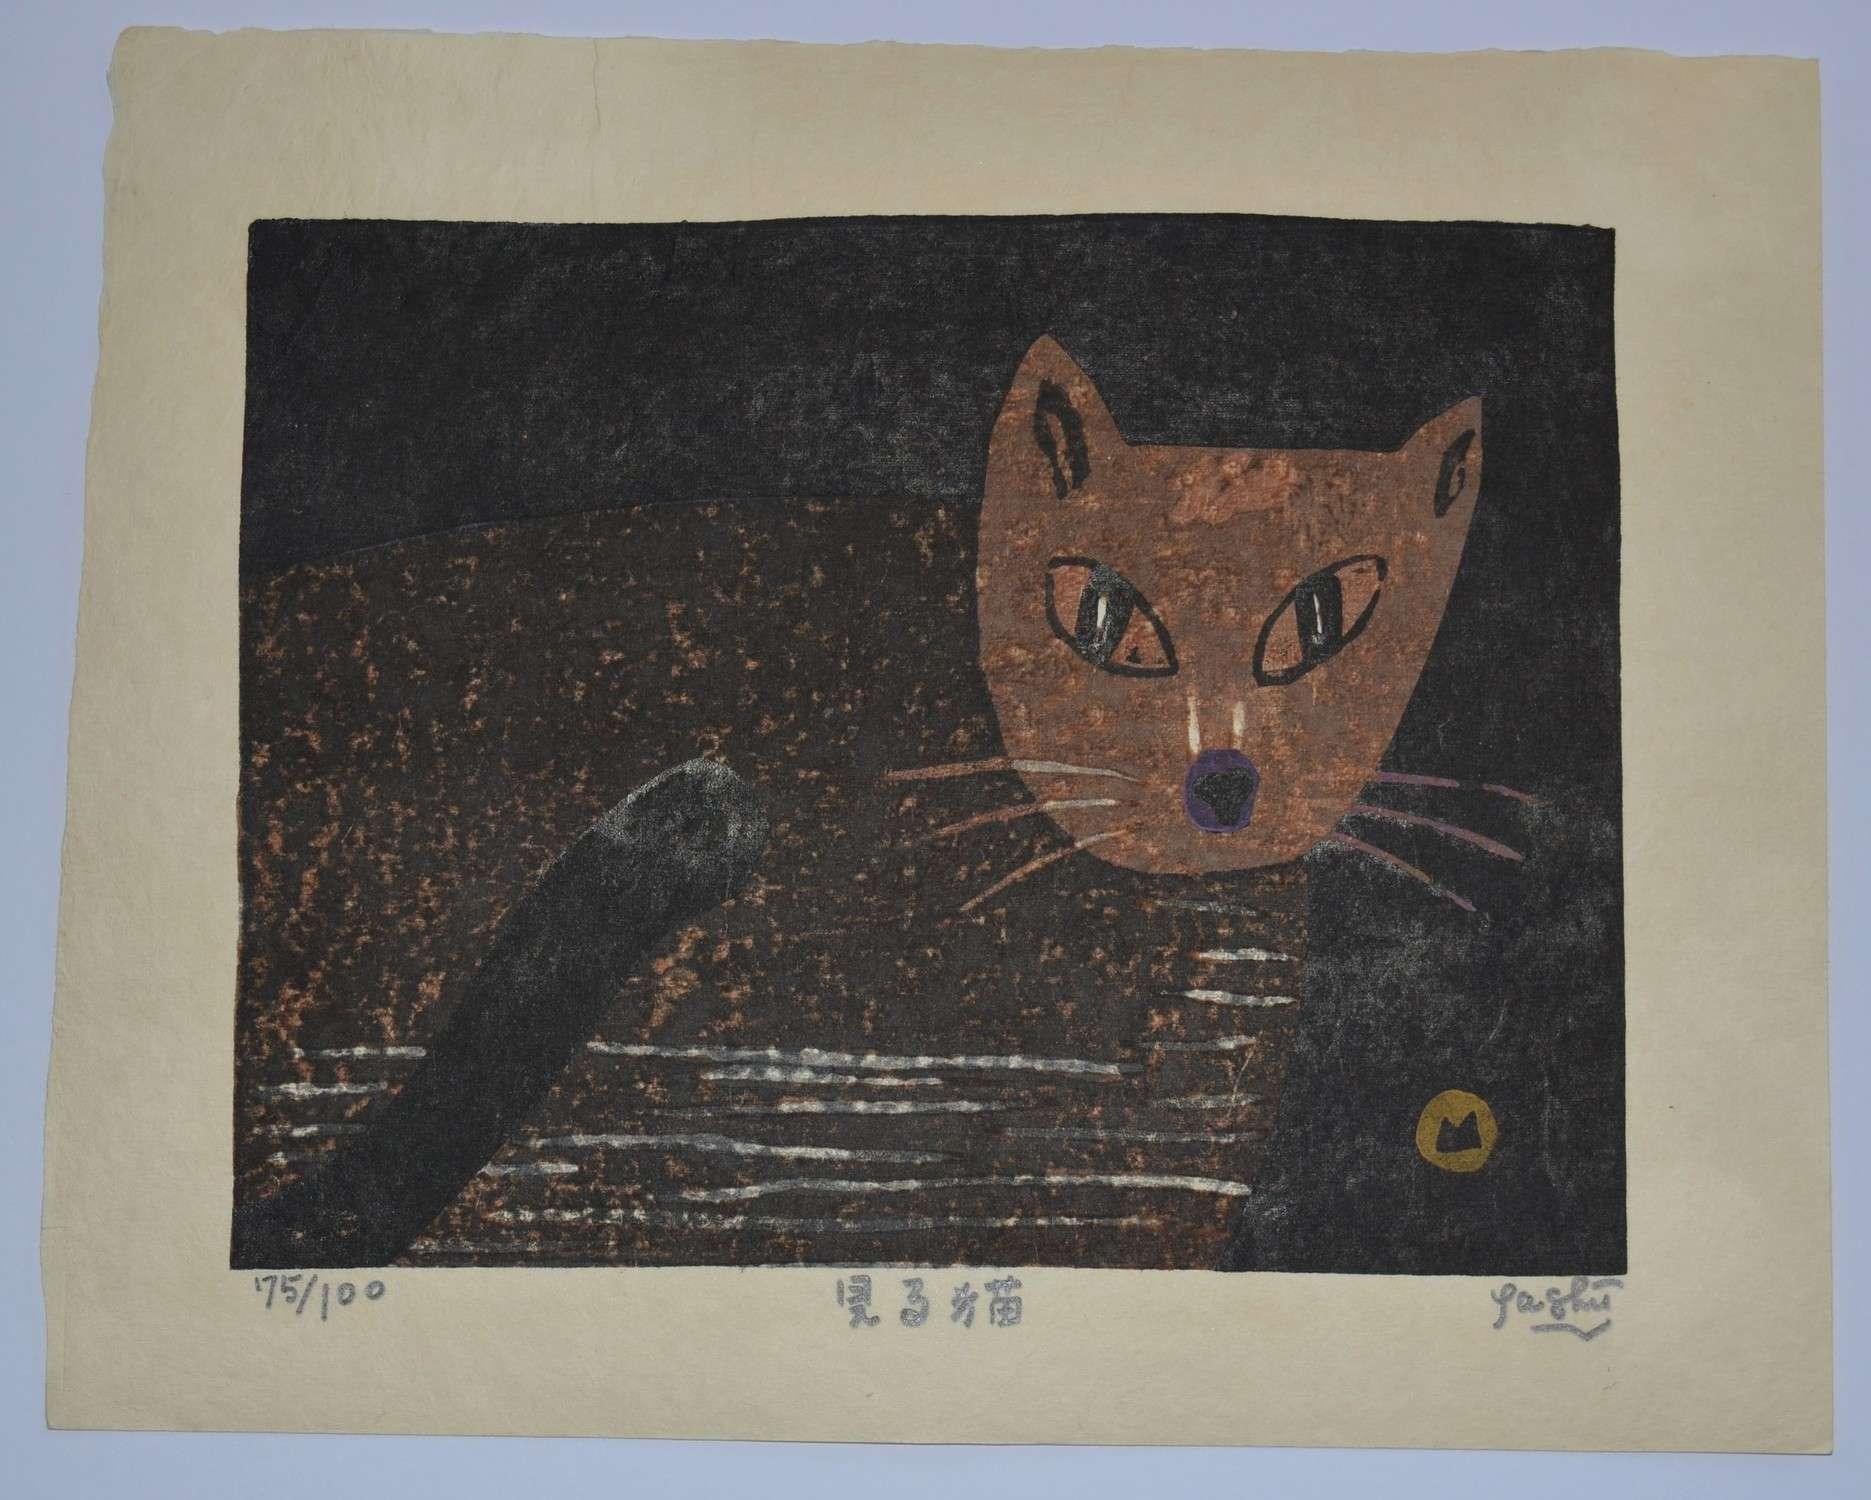 Gashu Fukami: Gazing Cat